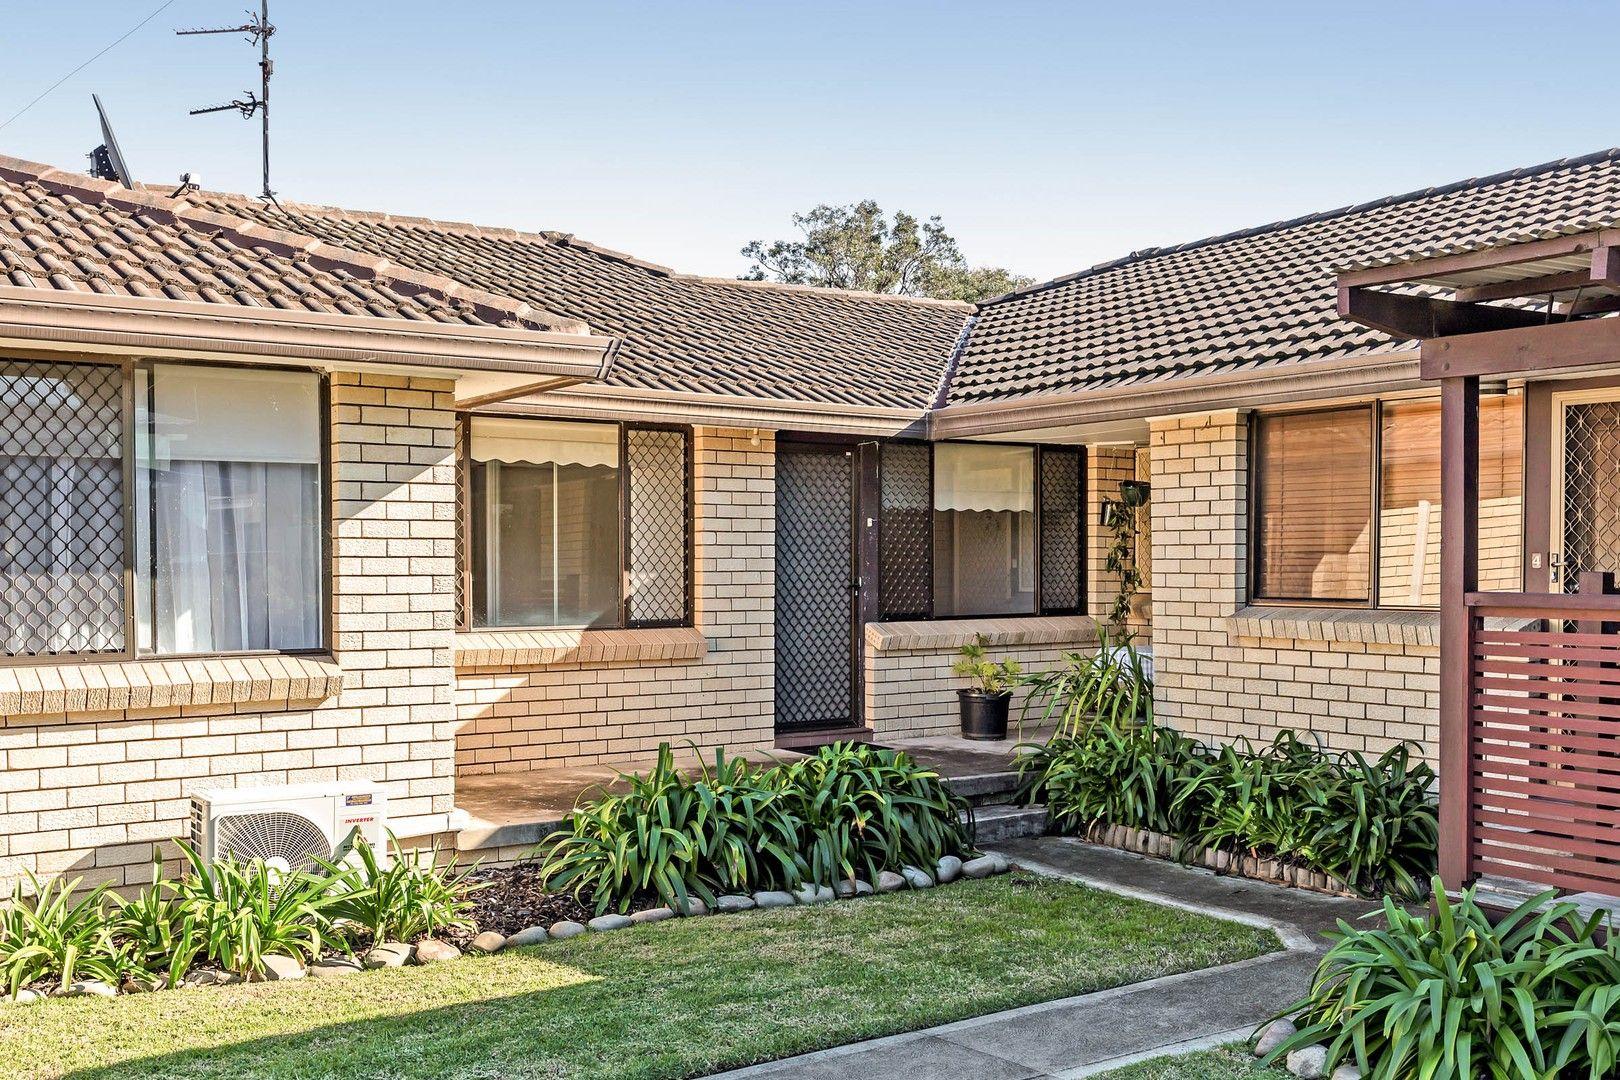 2/4 Lyne Street, Oak Flats NSW 2529, Image 0